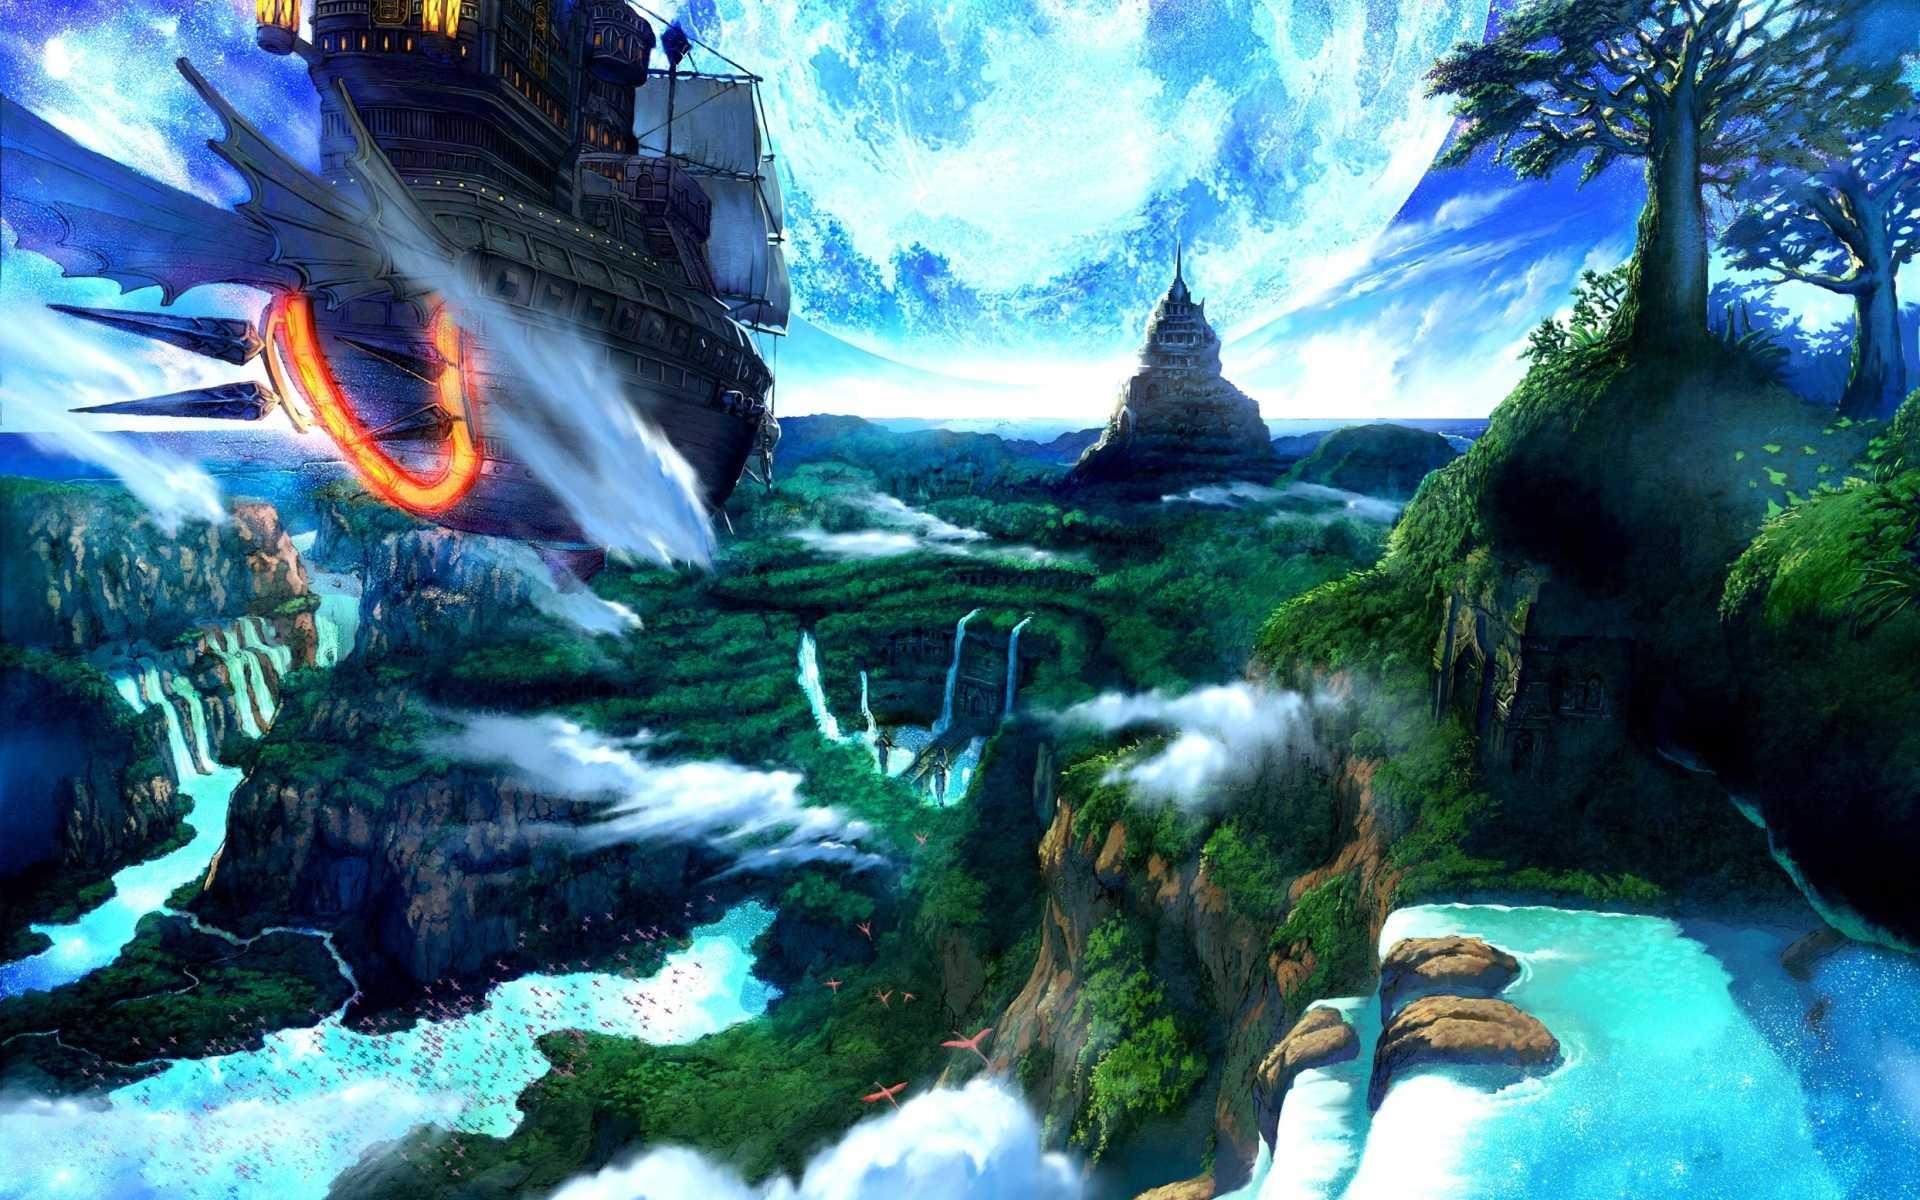 Mystical Widescreen Wallpapers - WallpaperSafari